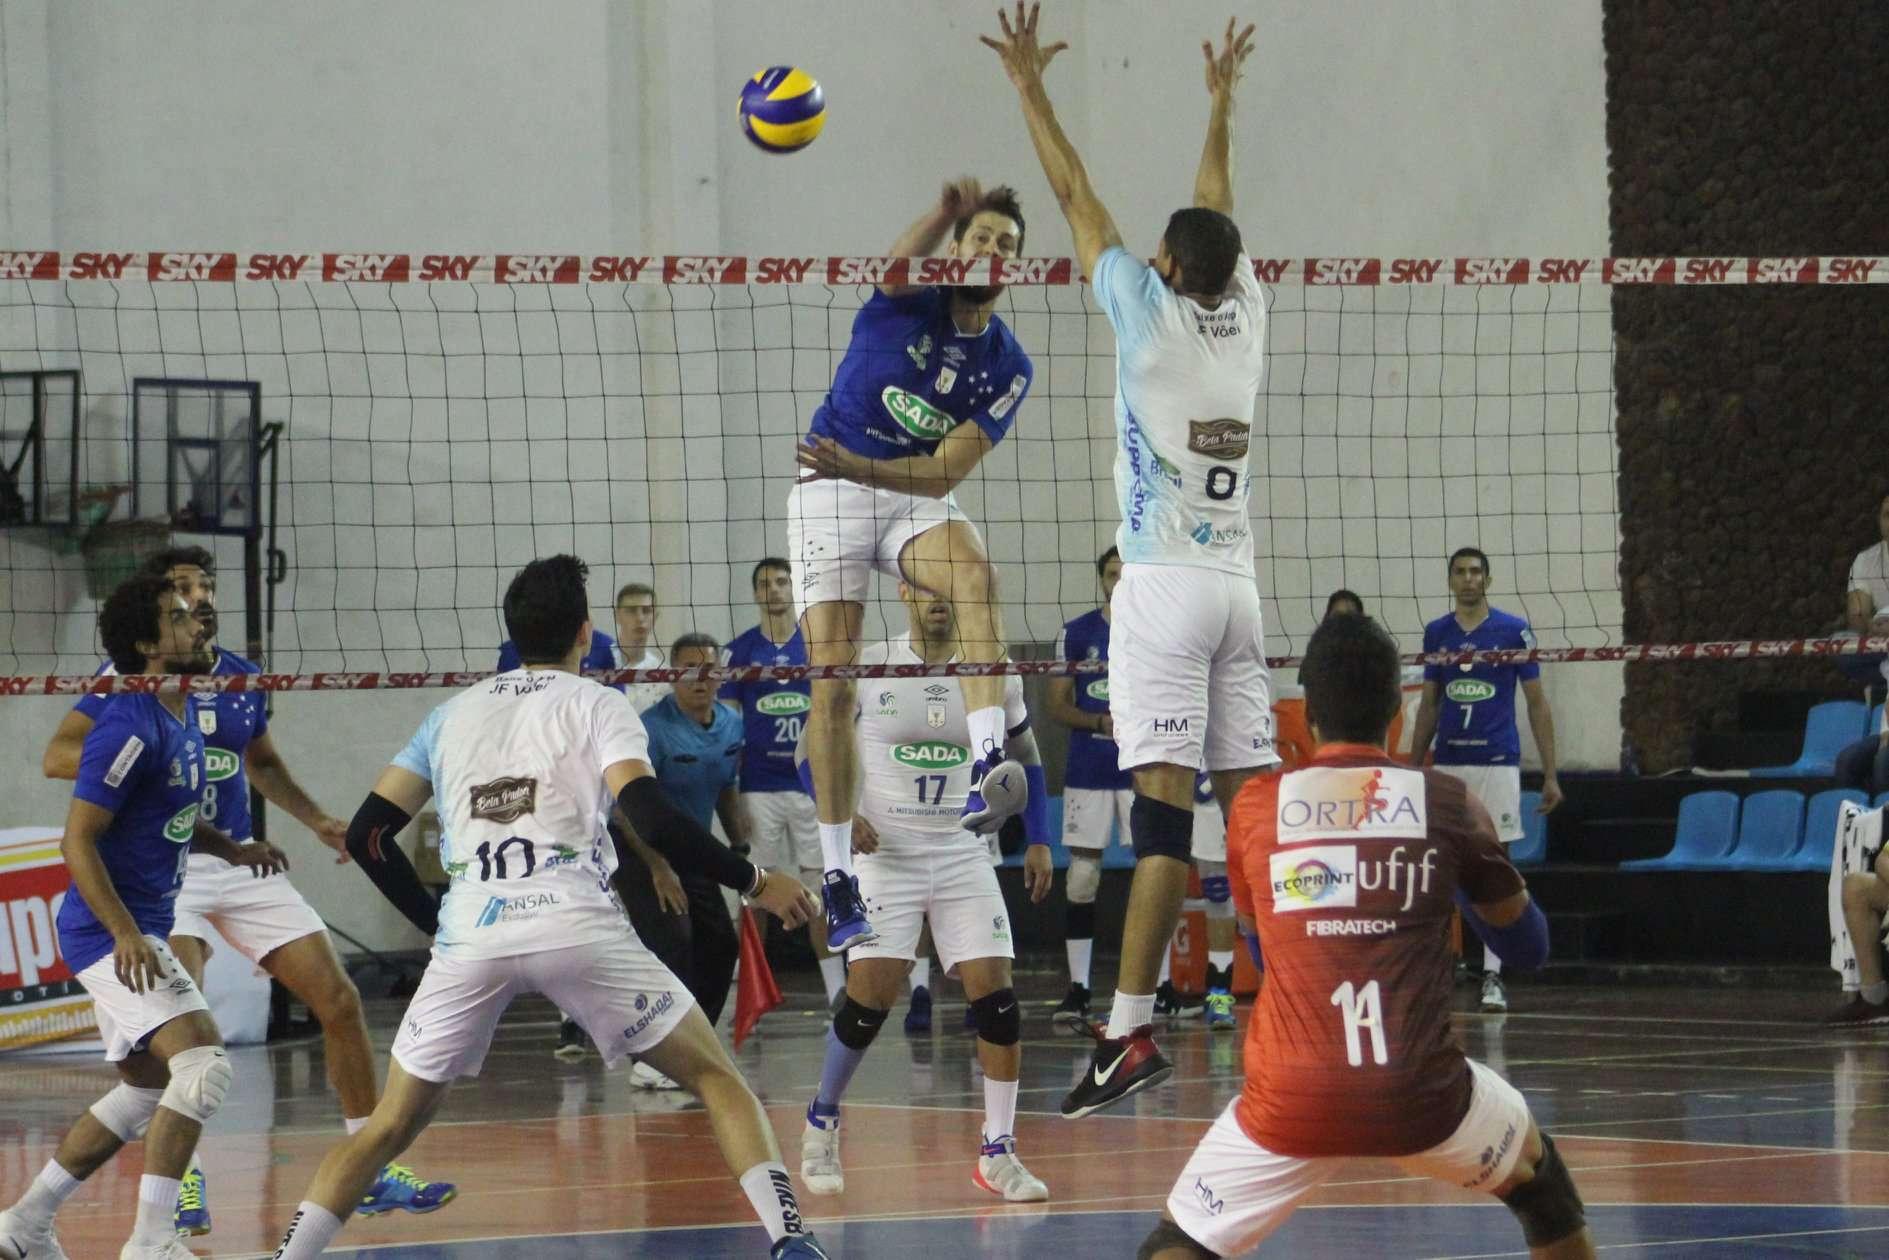 Em Contagem, JF Vôlei encerra participação na primeira fase do Mineiro